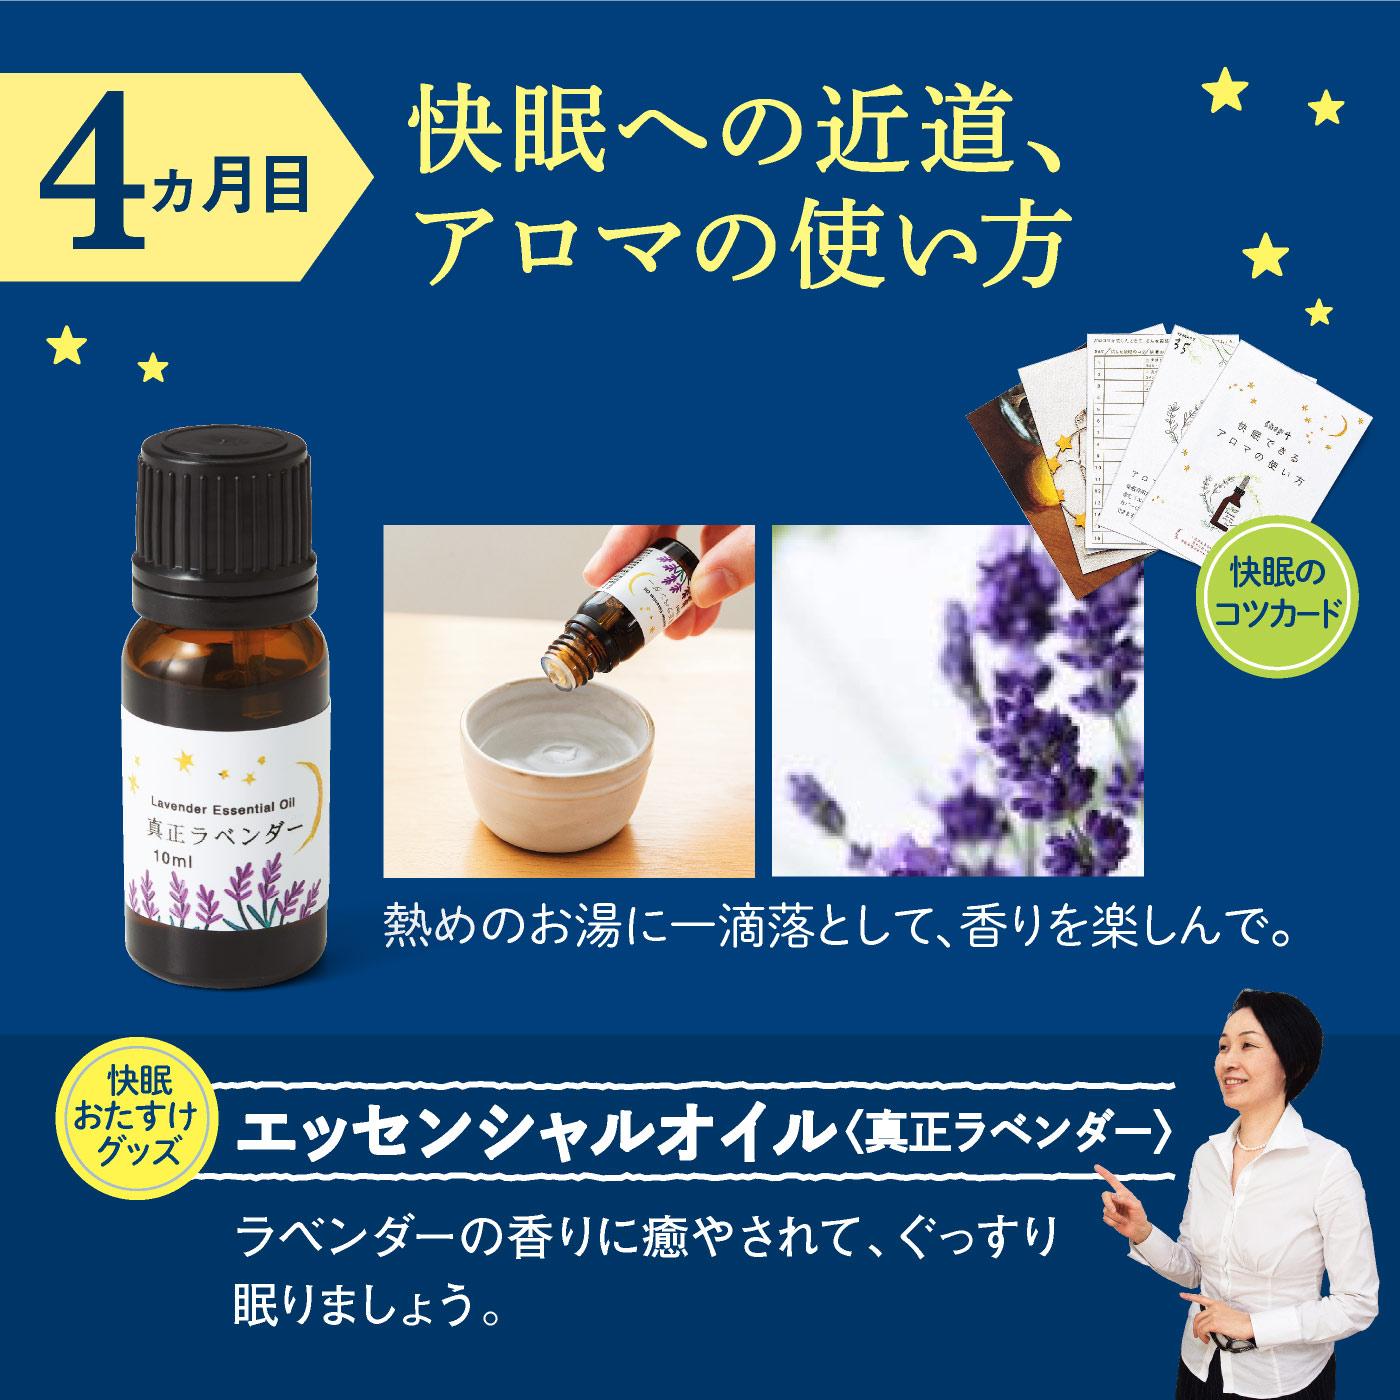 4ヵ月目 快眠への近道、アロマの使い方。快眠おたすけグッズ/エッセンシャルオイル〈真正ラベンダー〉 エッセンシャルオイル1本(10mℓ) ■成分/ラベンダー精油 ※インテリアフレグランスとしてご使用いただく商品です。肌につけるなど、化粧品としてのご使用はできません。(フランス製)